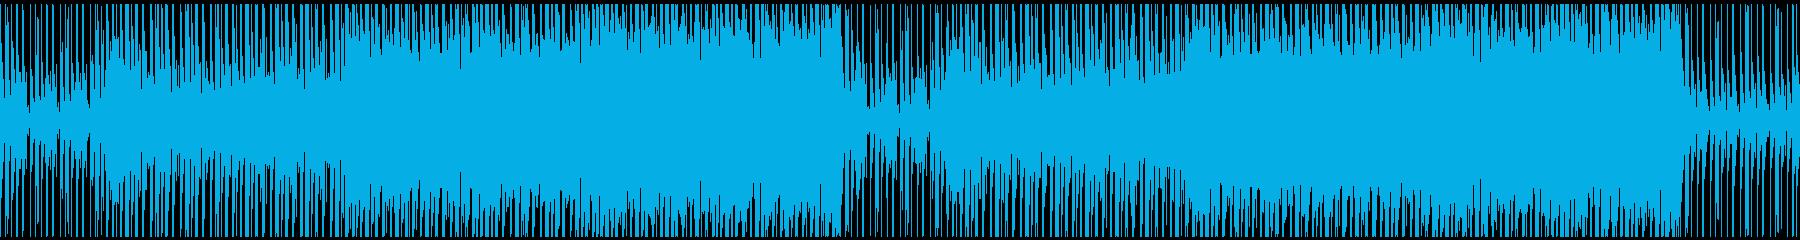 【ループ対応】動画やCMトロピカルハウスの再生済みの波形